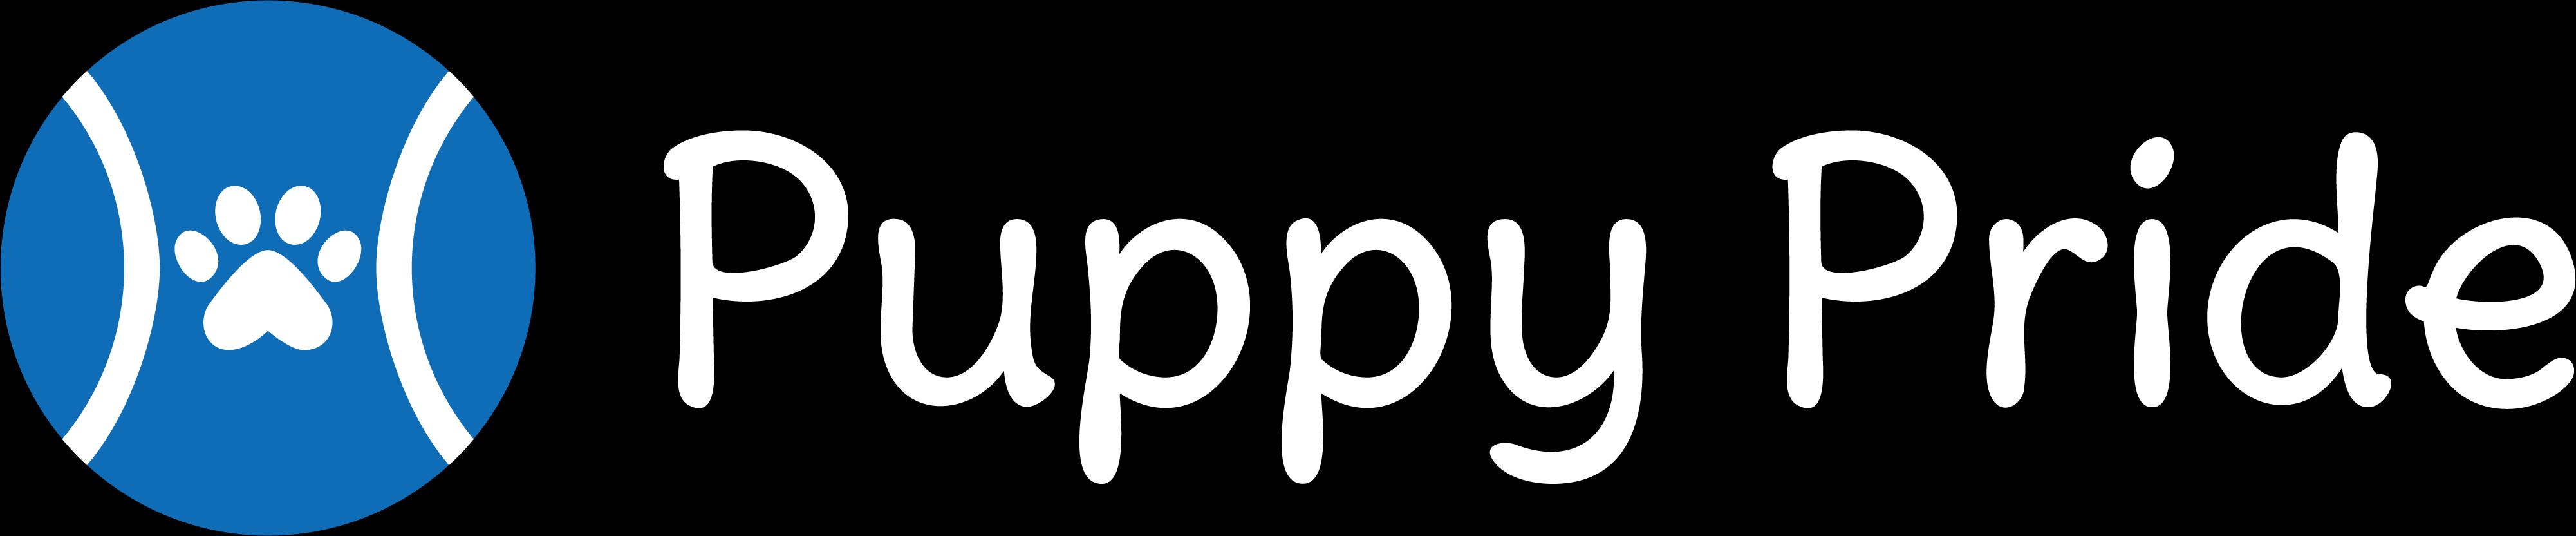 Puppy Pride Logo